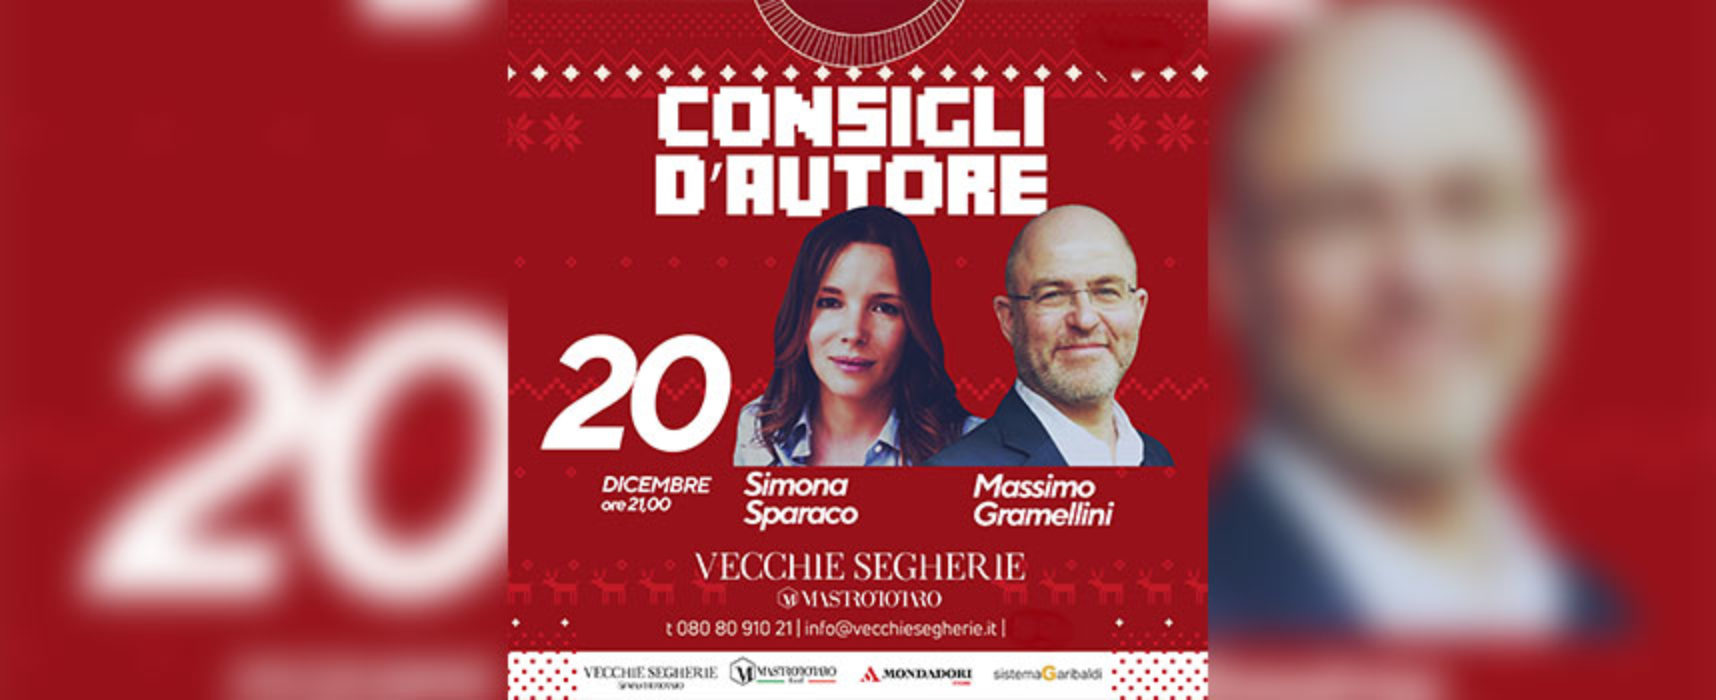 Consigli d'Autore, stasera doppio appuntamento con Sparaco e Gramellini / DIRETTA FACEBOOK su Bisceglie24